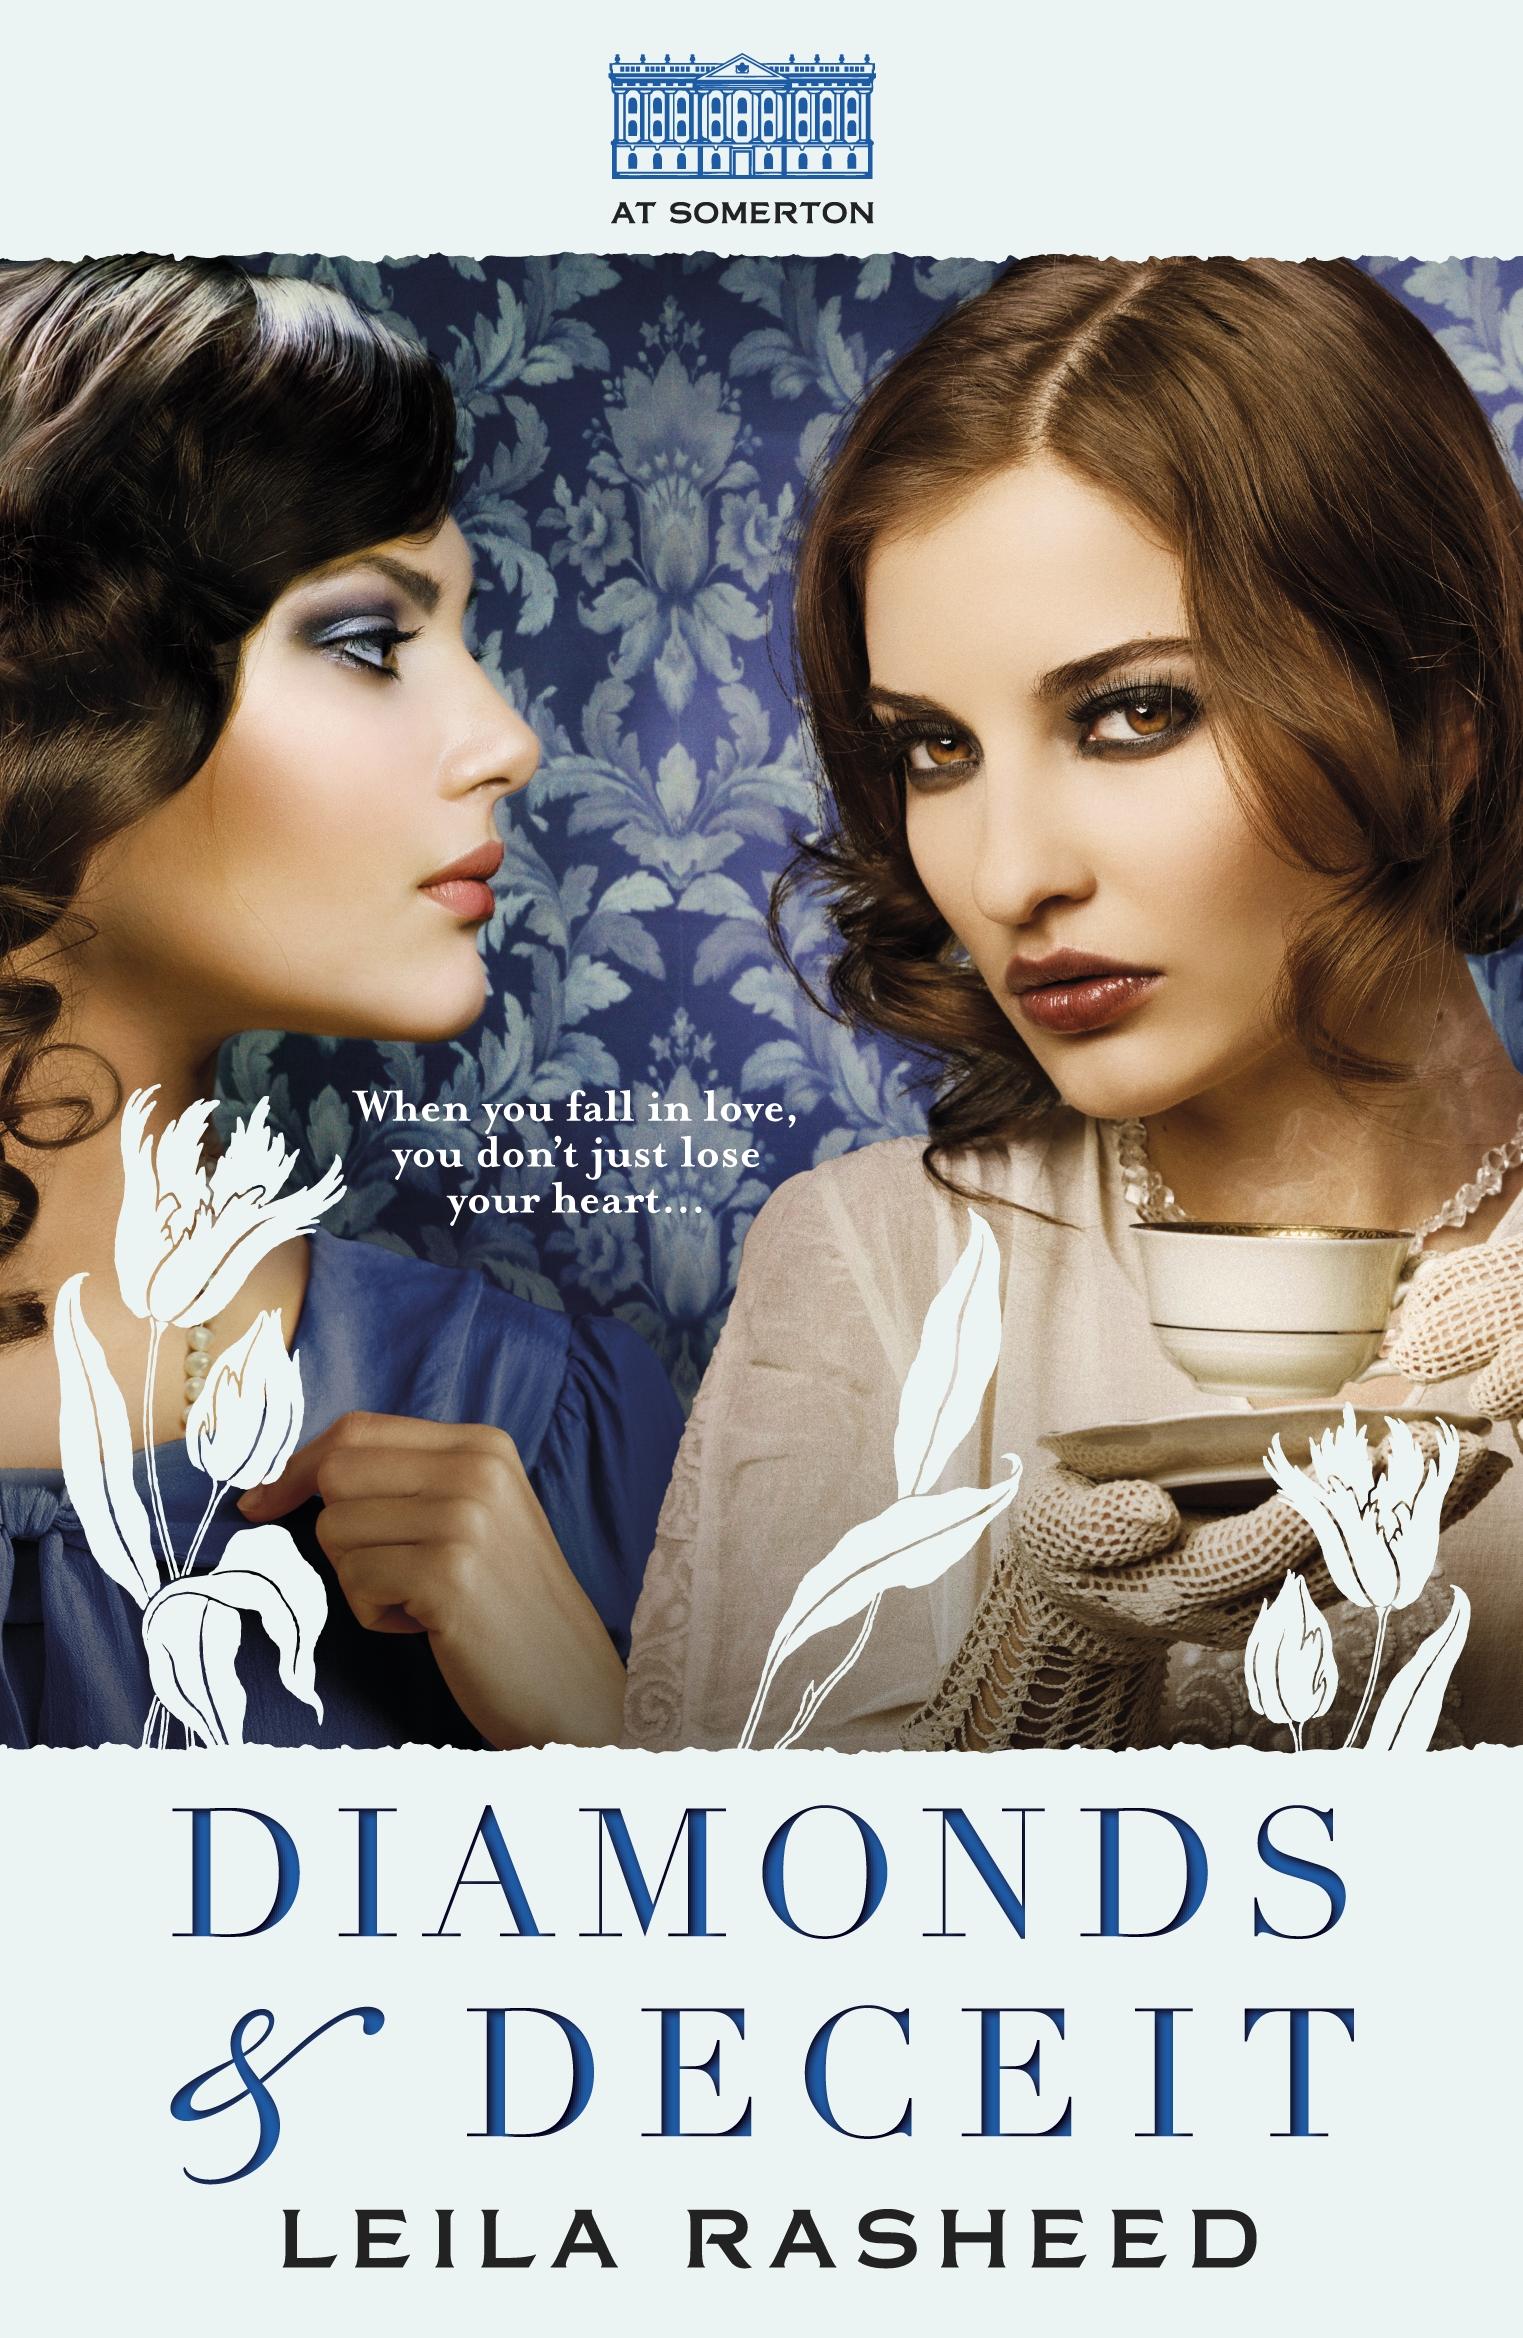 Diamonds & Deceit by Leila Rasheed